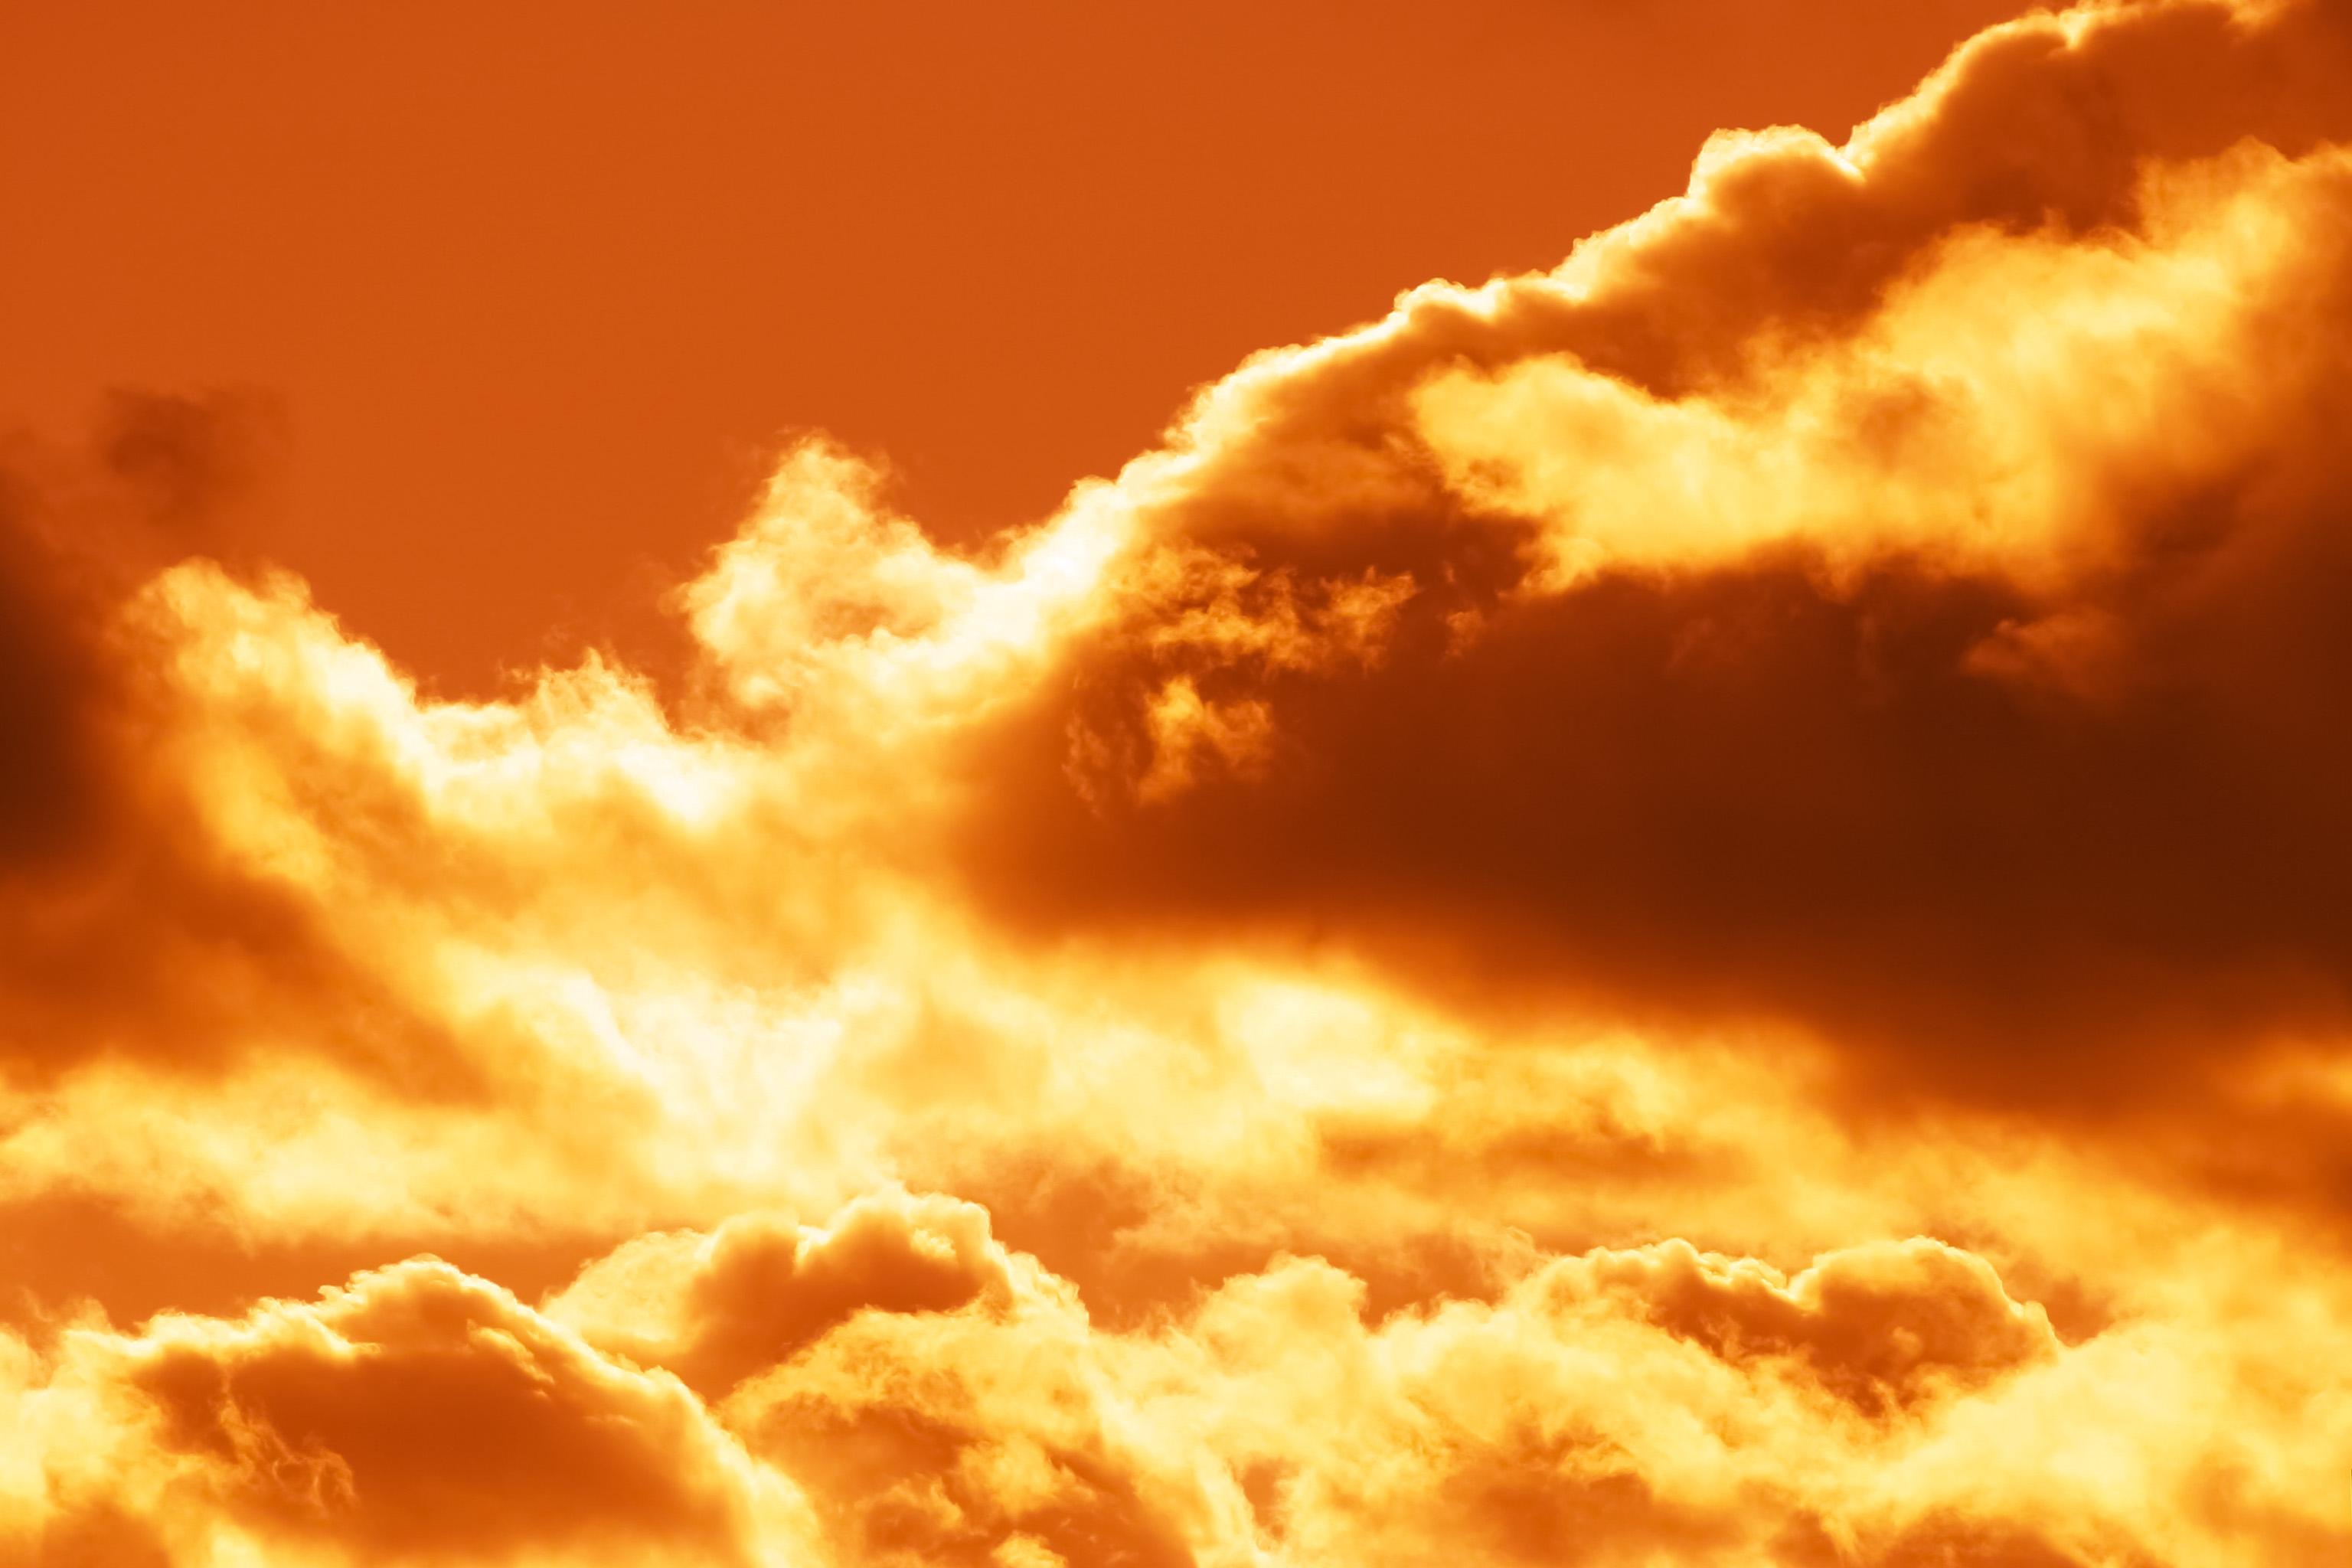 燃えるような赤い雲 Free Photos L/RGB/JPEG/350dpi